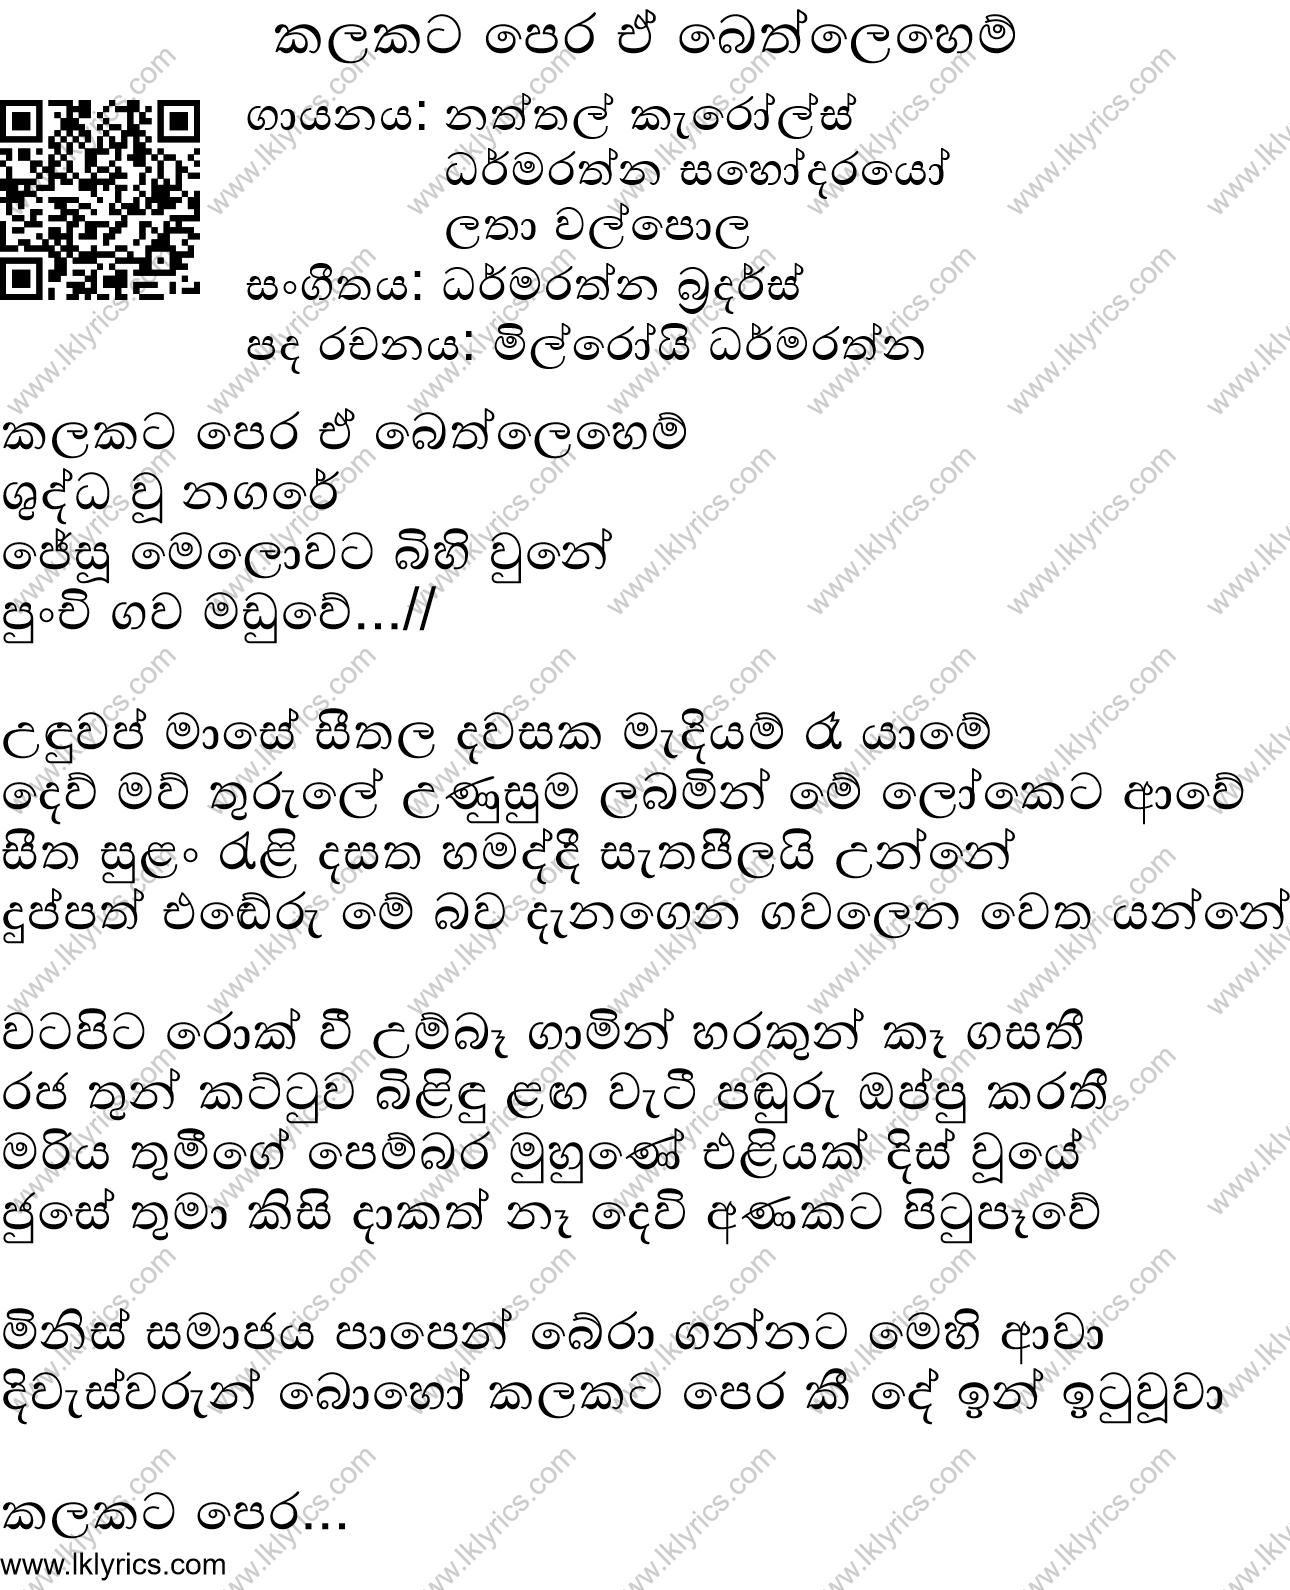 Aradhana lyrics